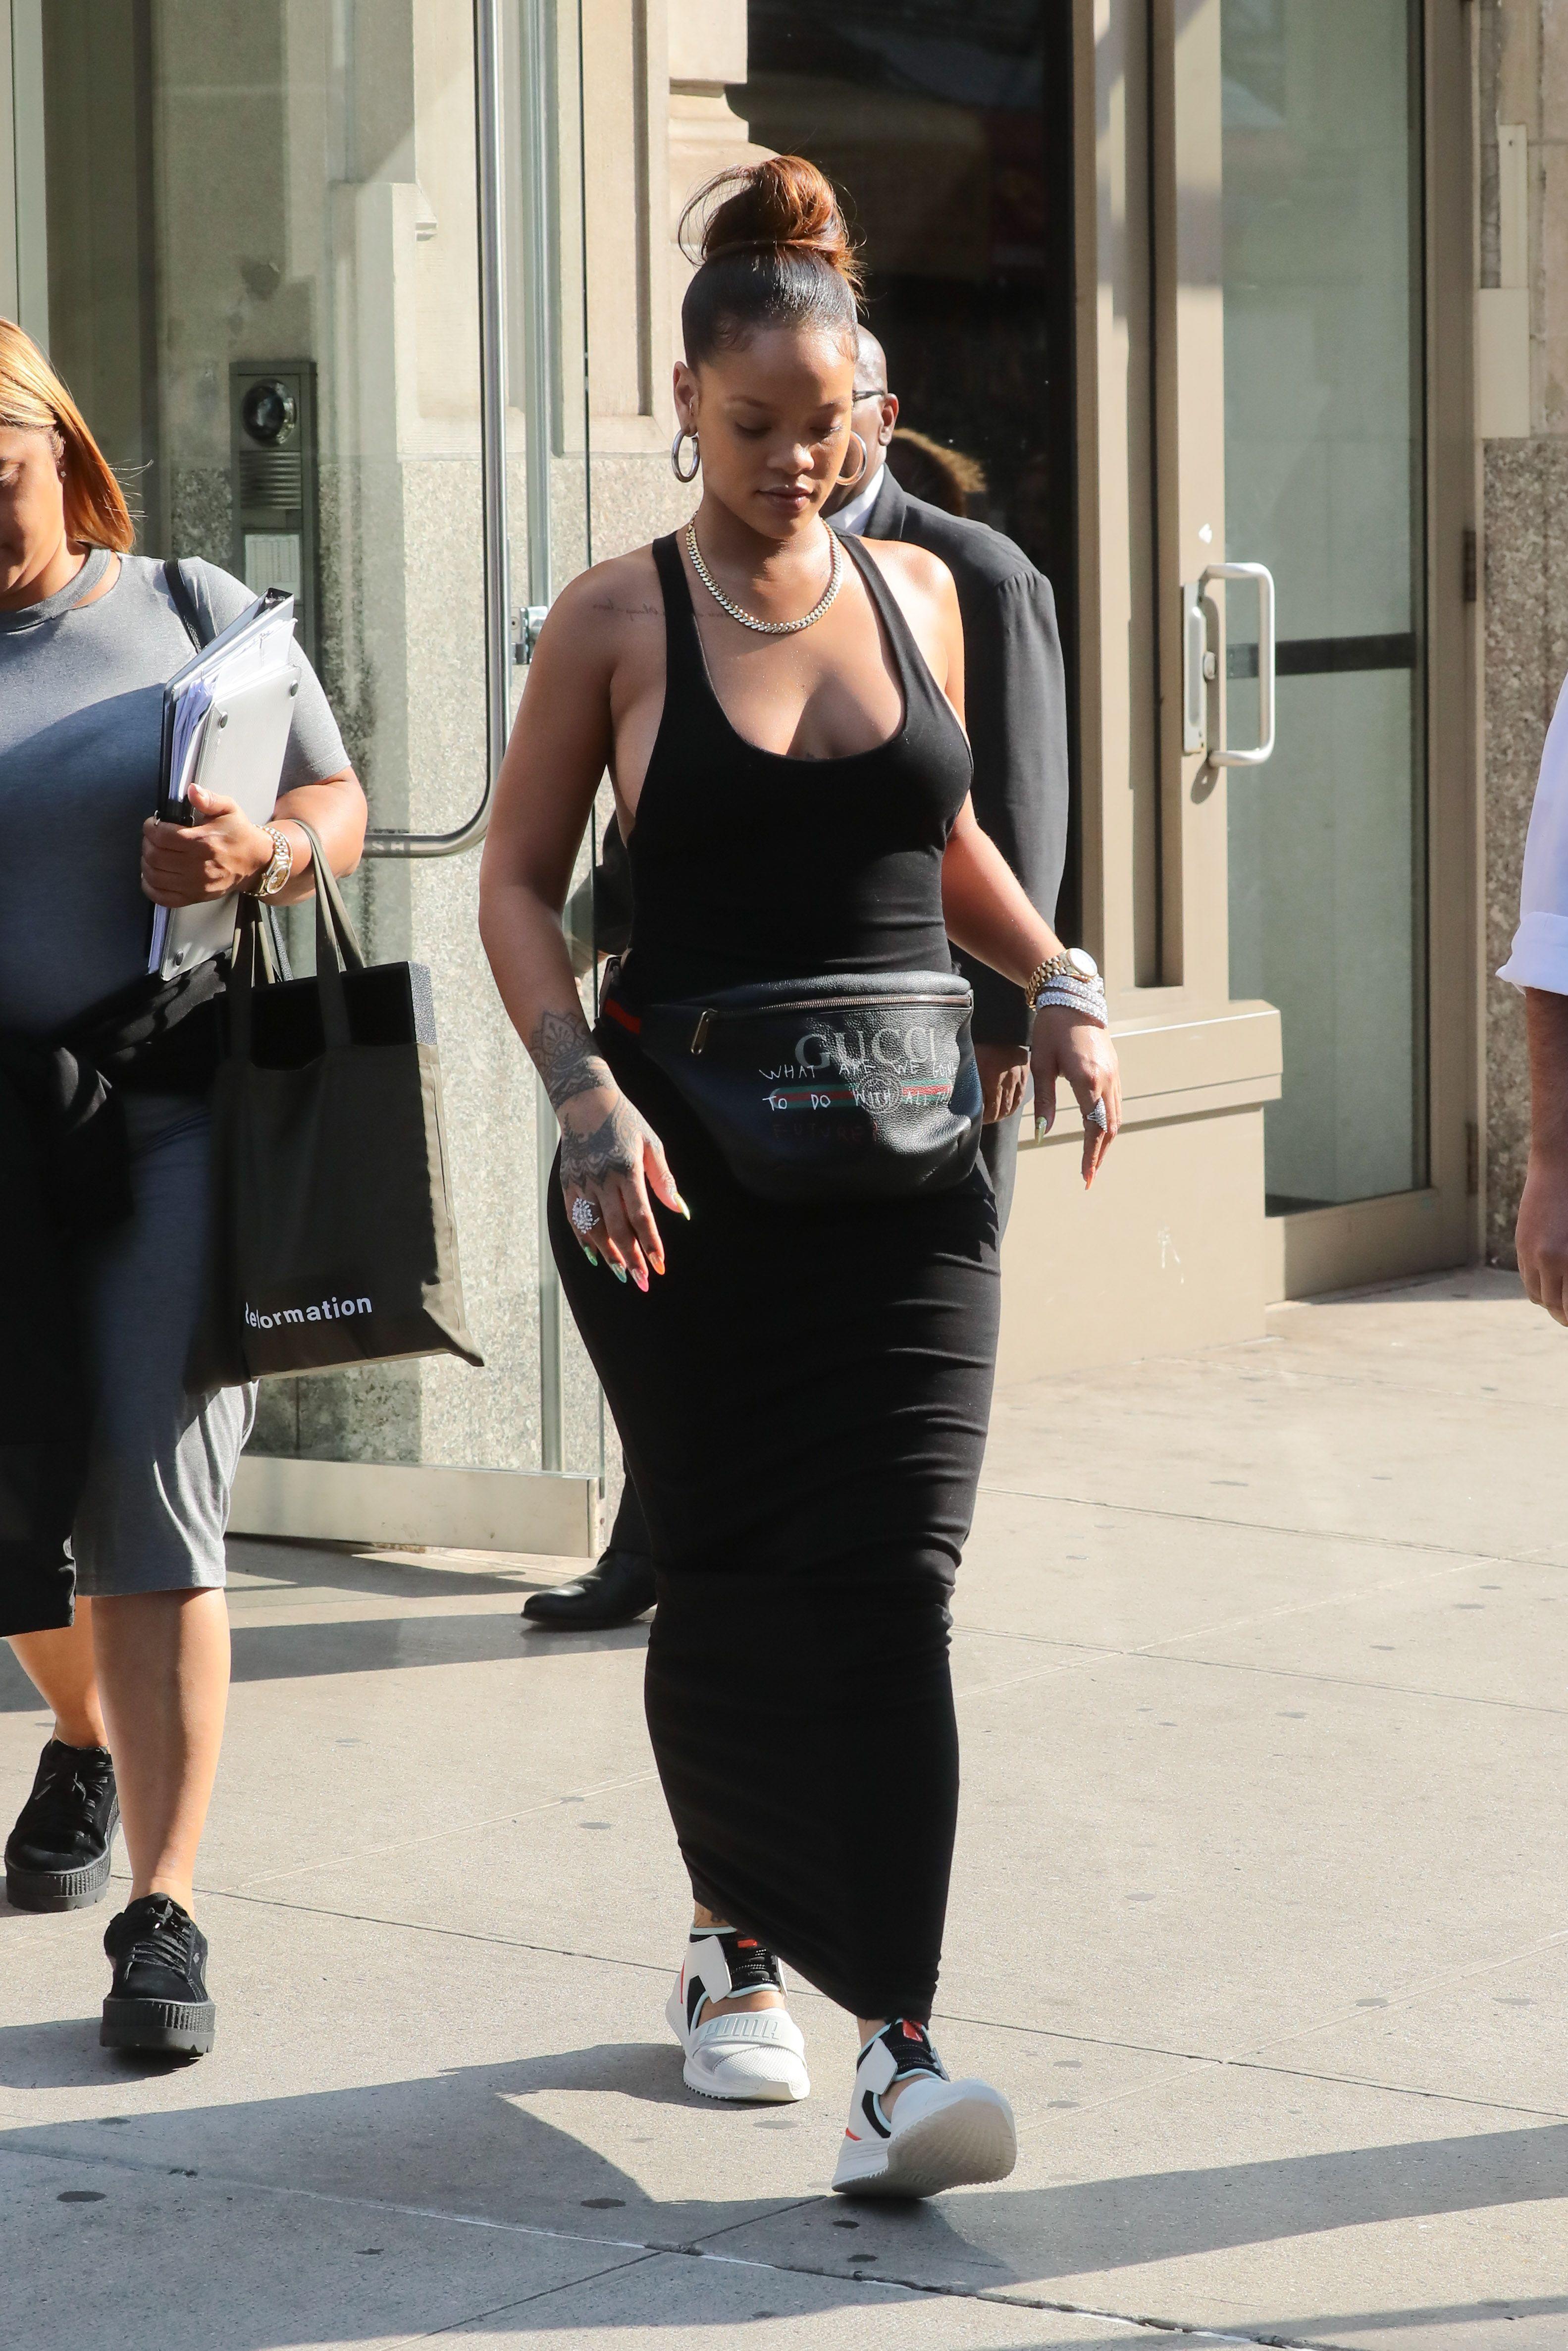 Rihanna-Braless-9-thefappeningblog.com_.jpg